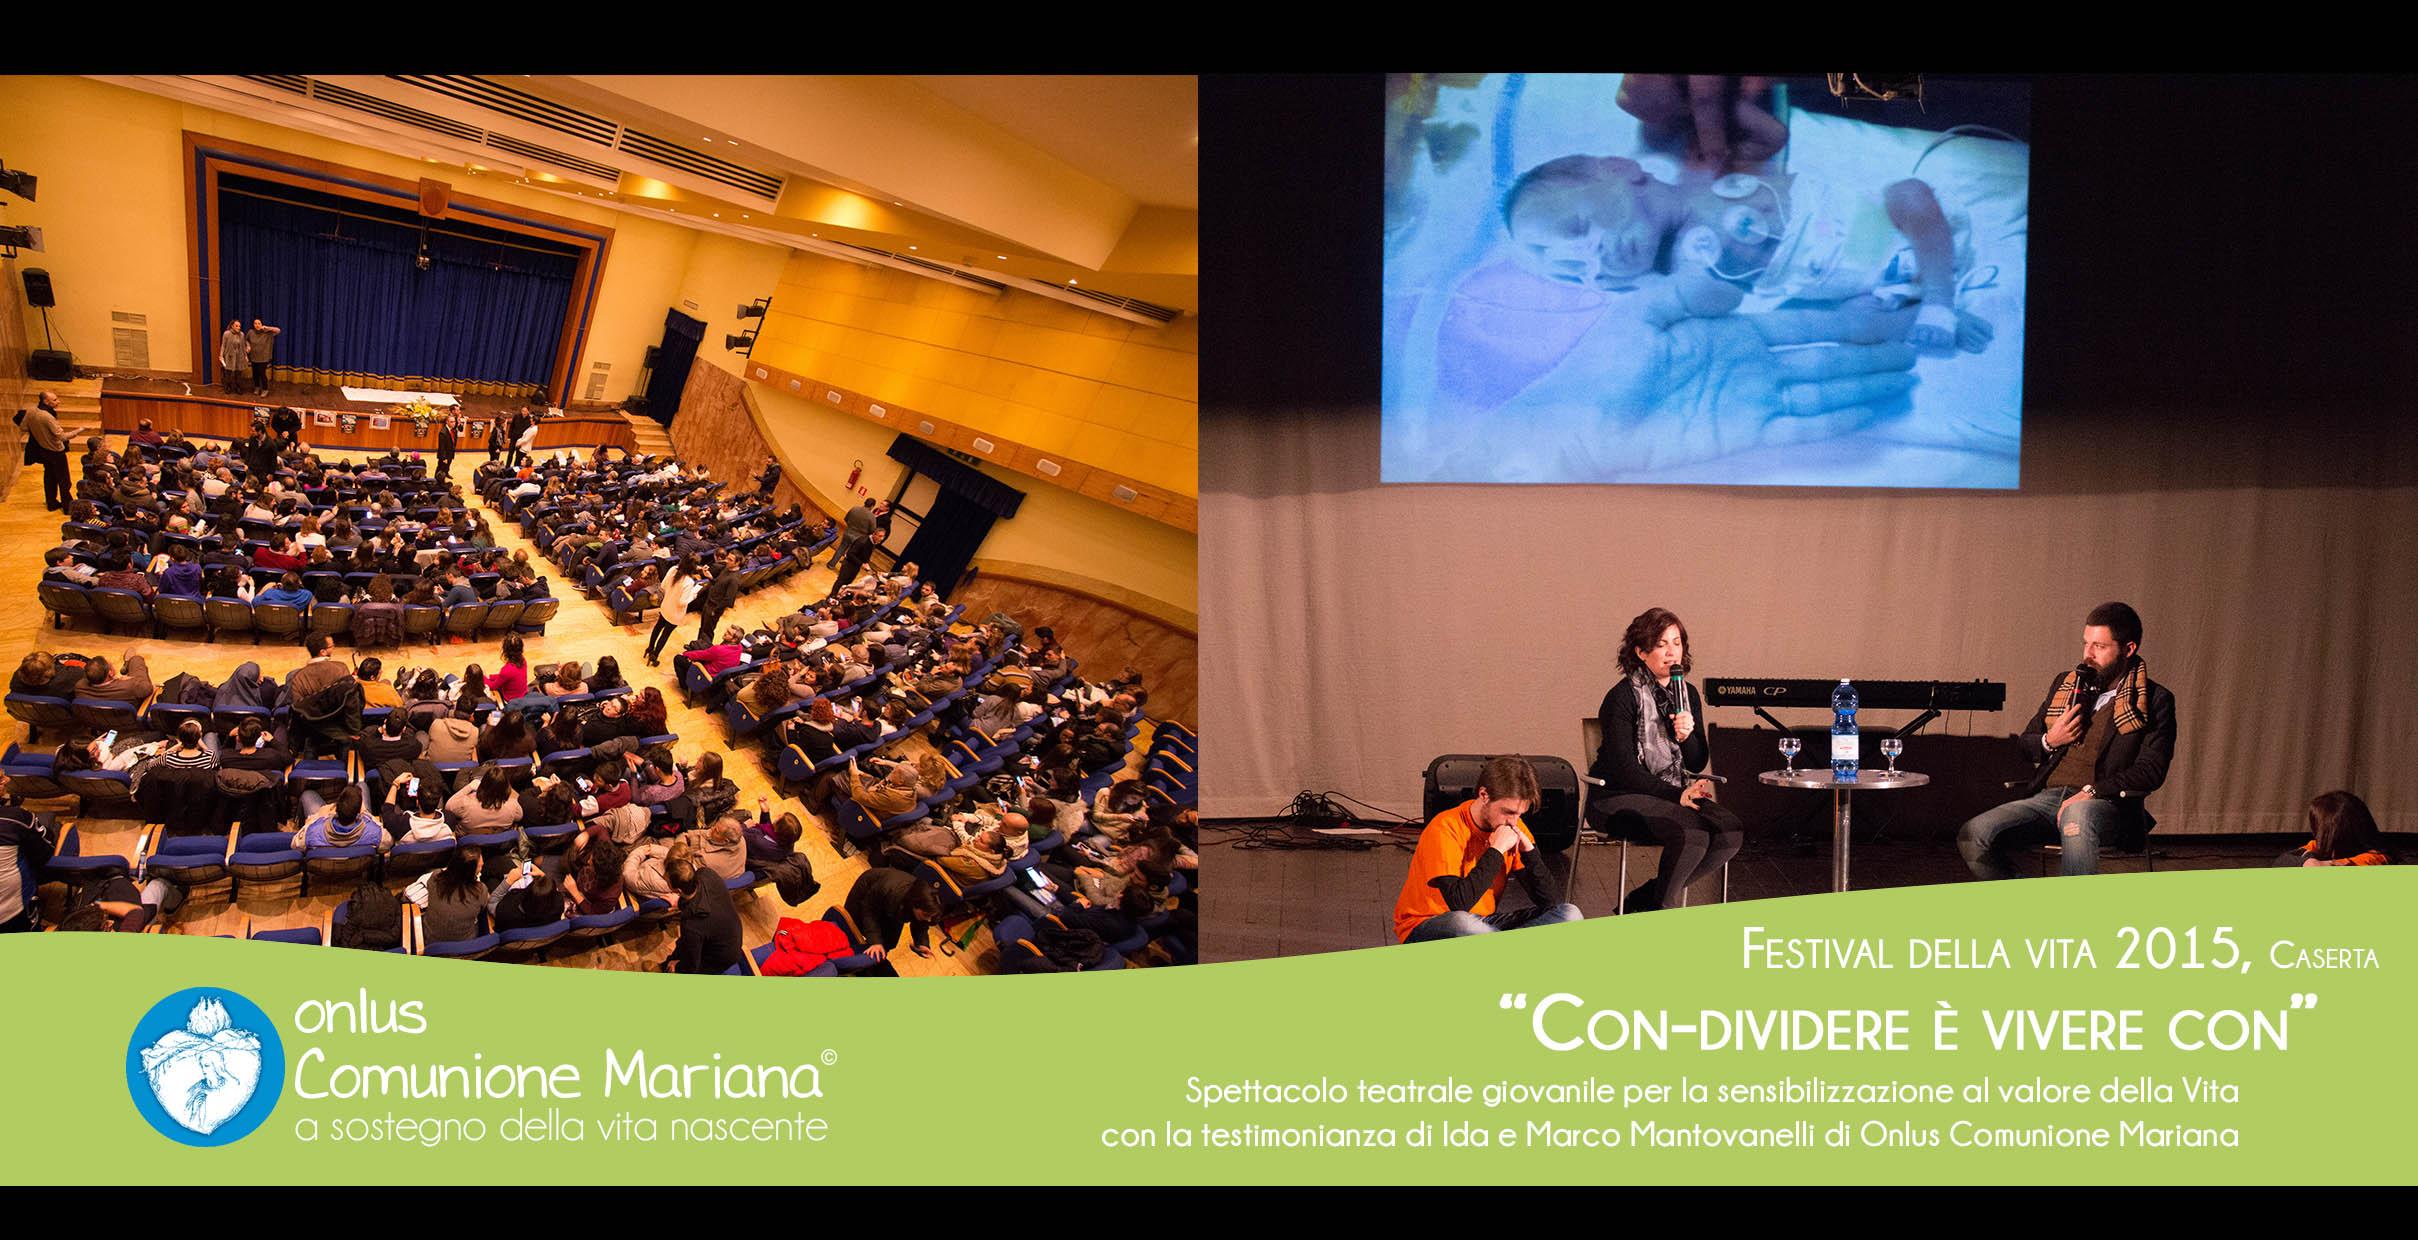 Onlus-Comunione-Mariana-GALLERY-6